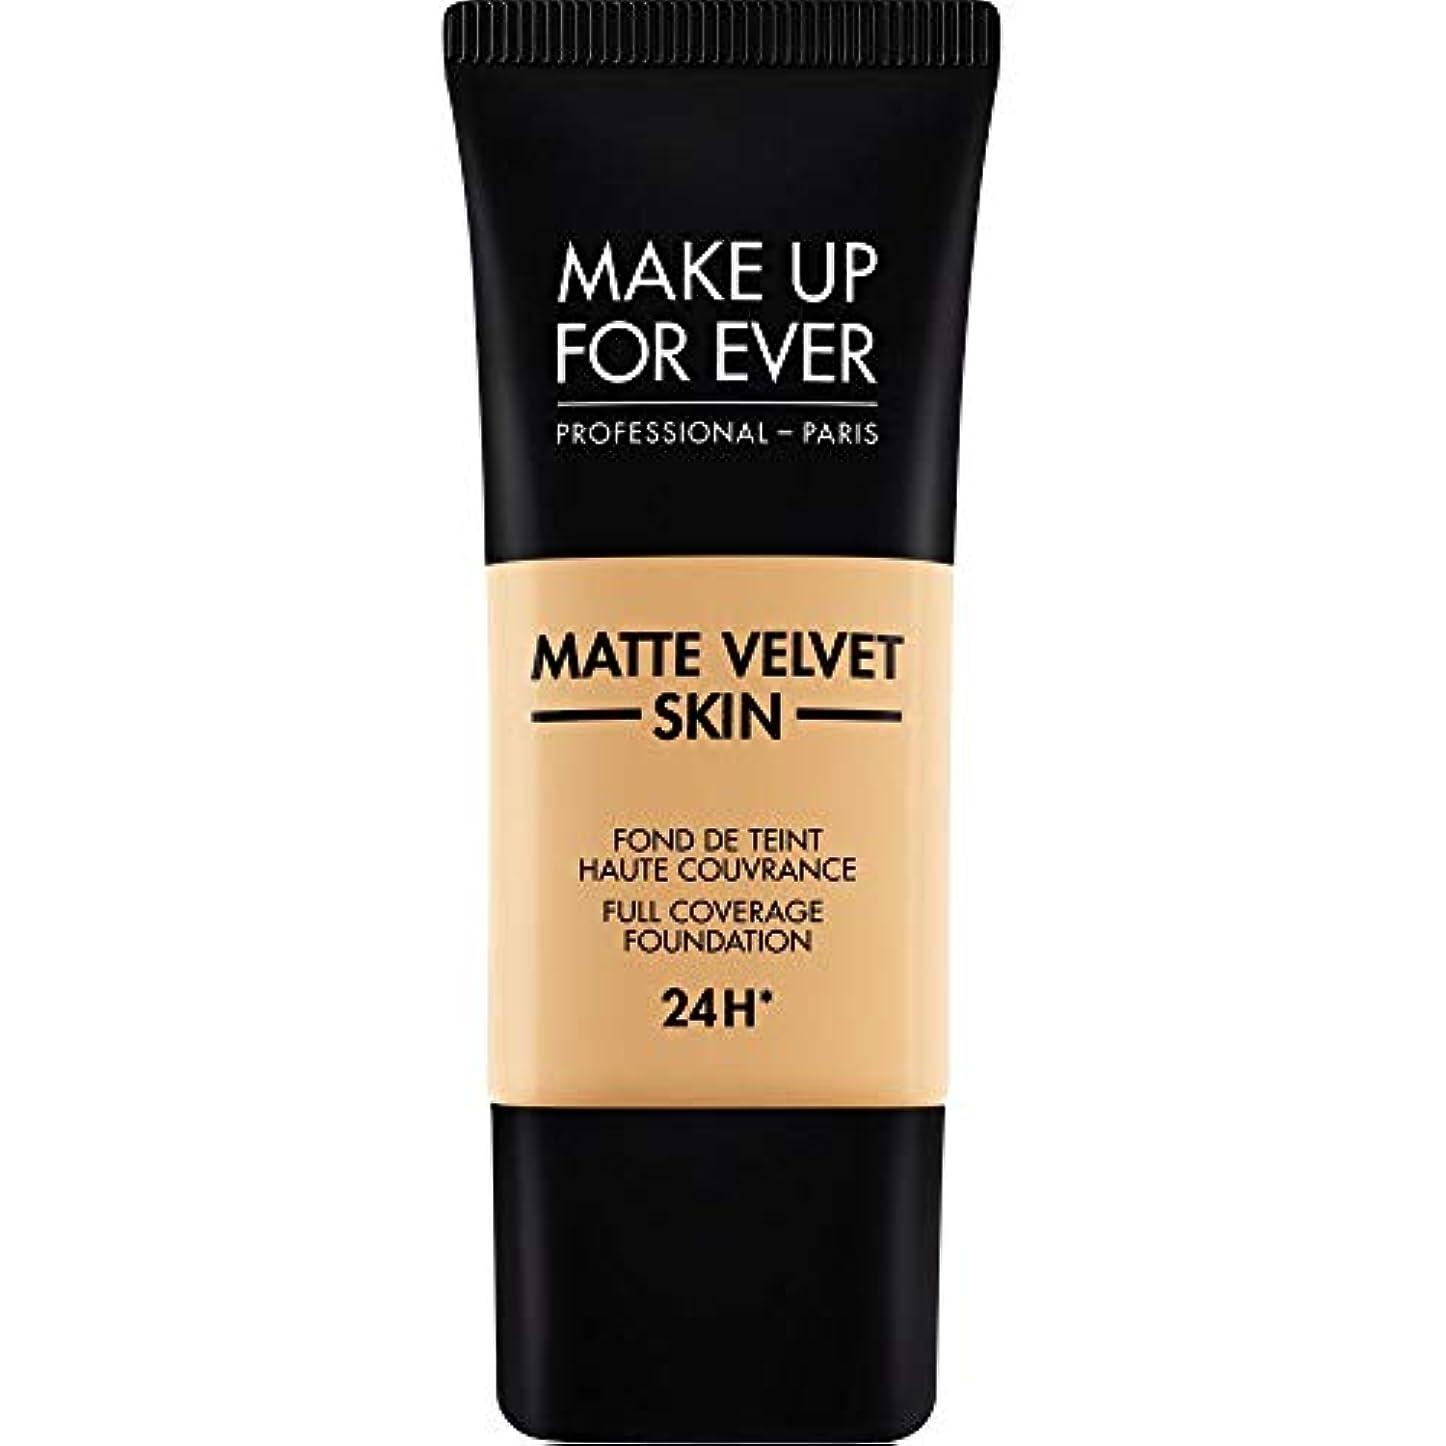 あえぎ転送セブン[MAKE UP FOR EVER ] ナチュラルベージュ - これまでマットベルベットの皮膚のフルカバレッジ基礎30ミリリットルのY345を補います - MAKE UP FOR EVER Matte Velvet Skin...